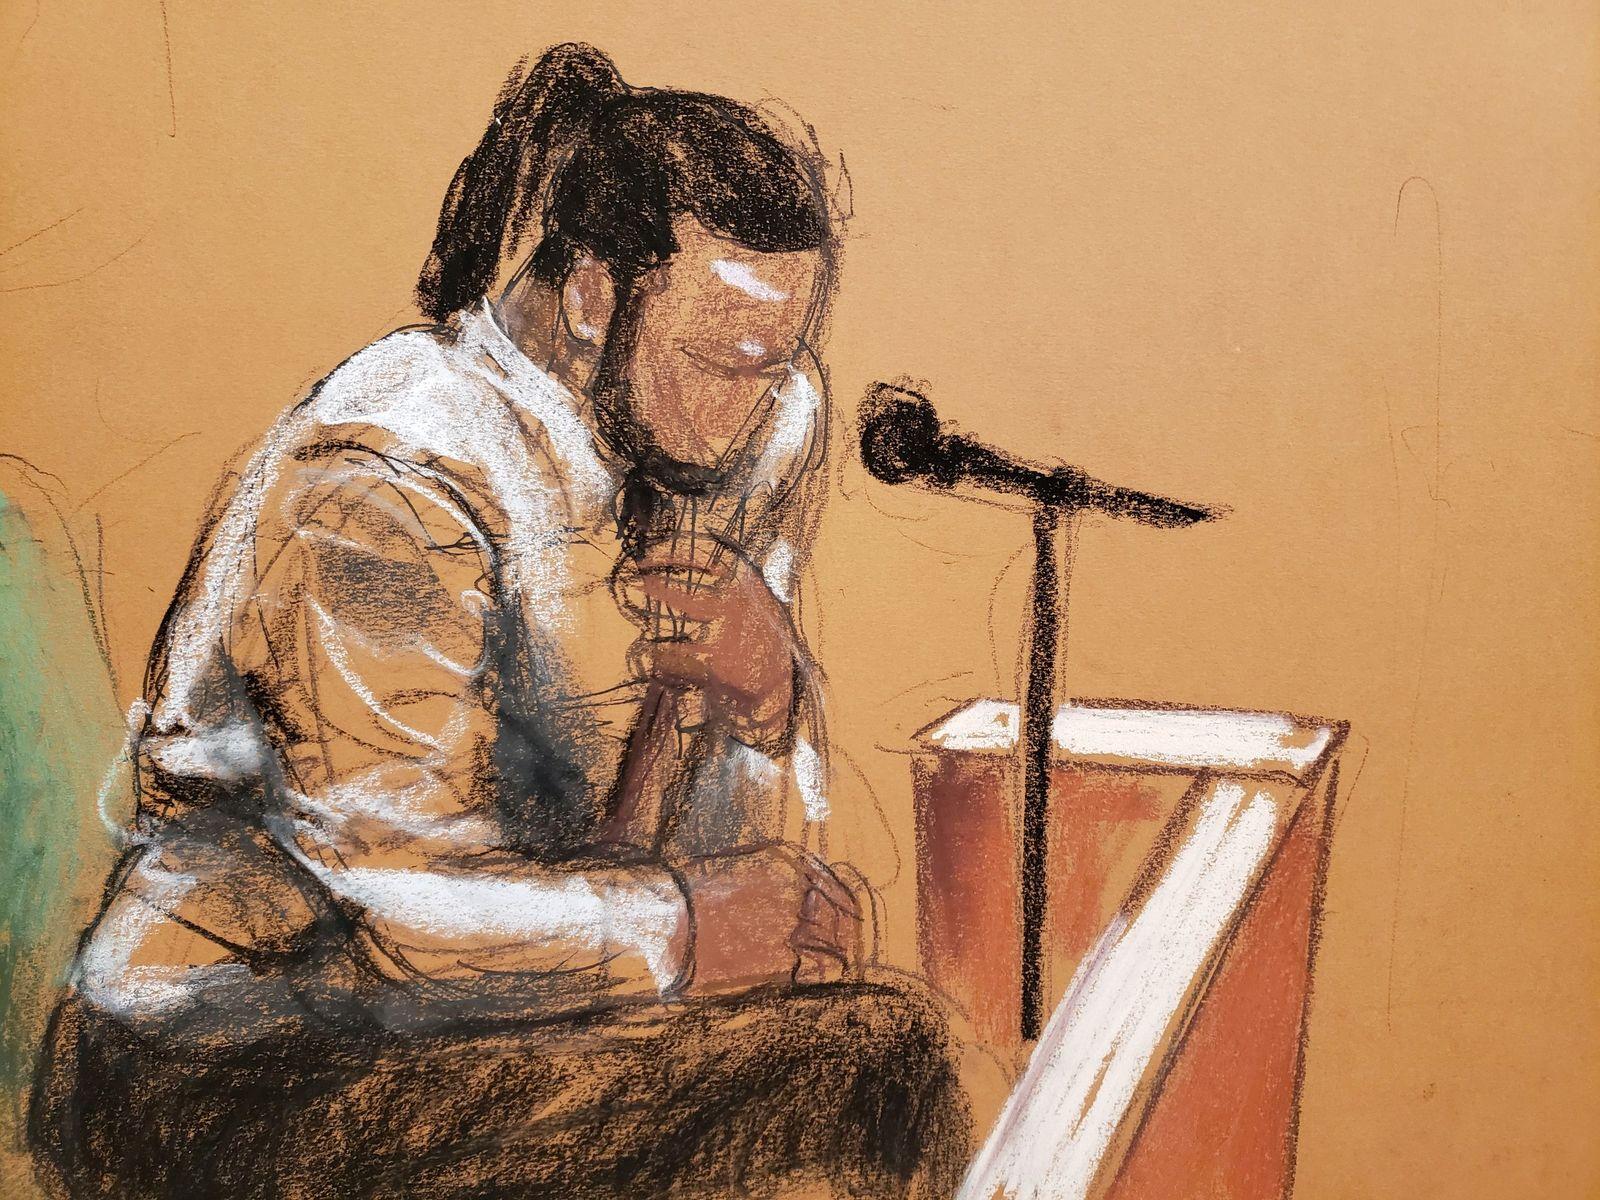 R. Kelly trial continues in Brooklyn